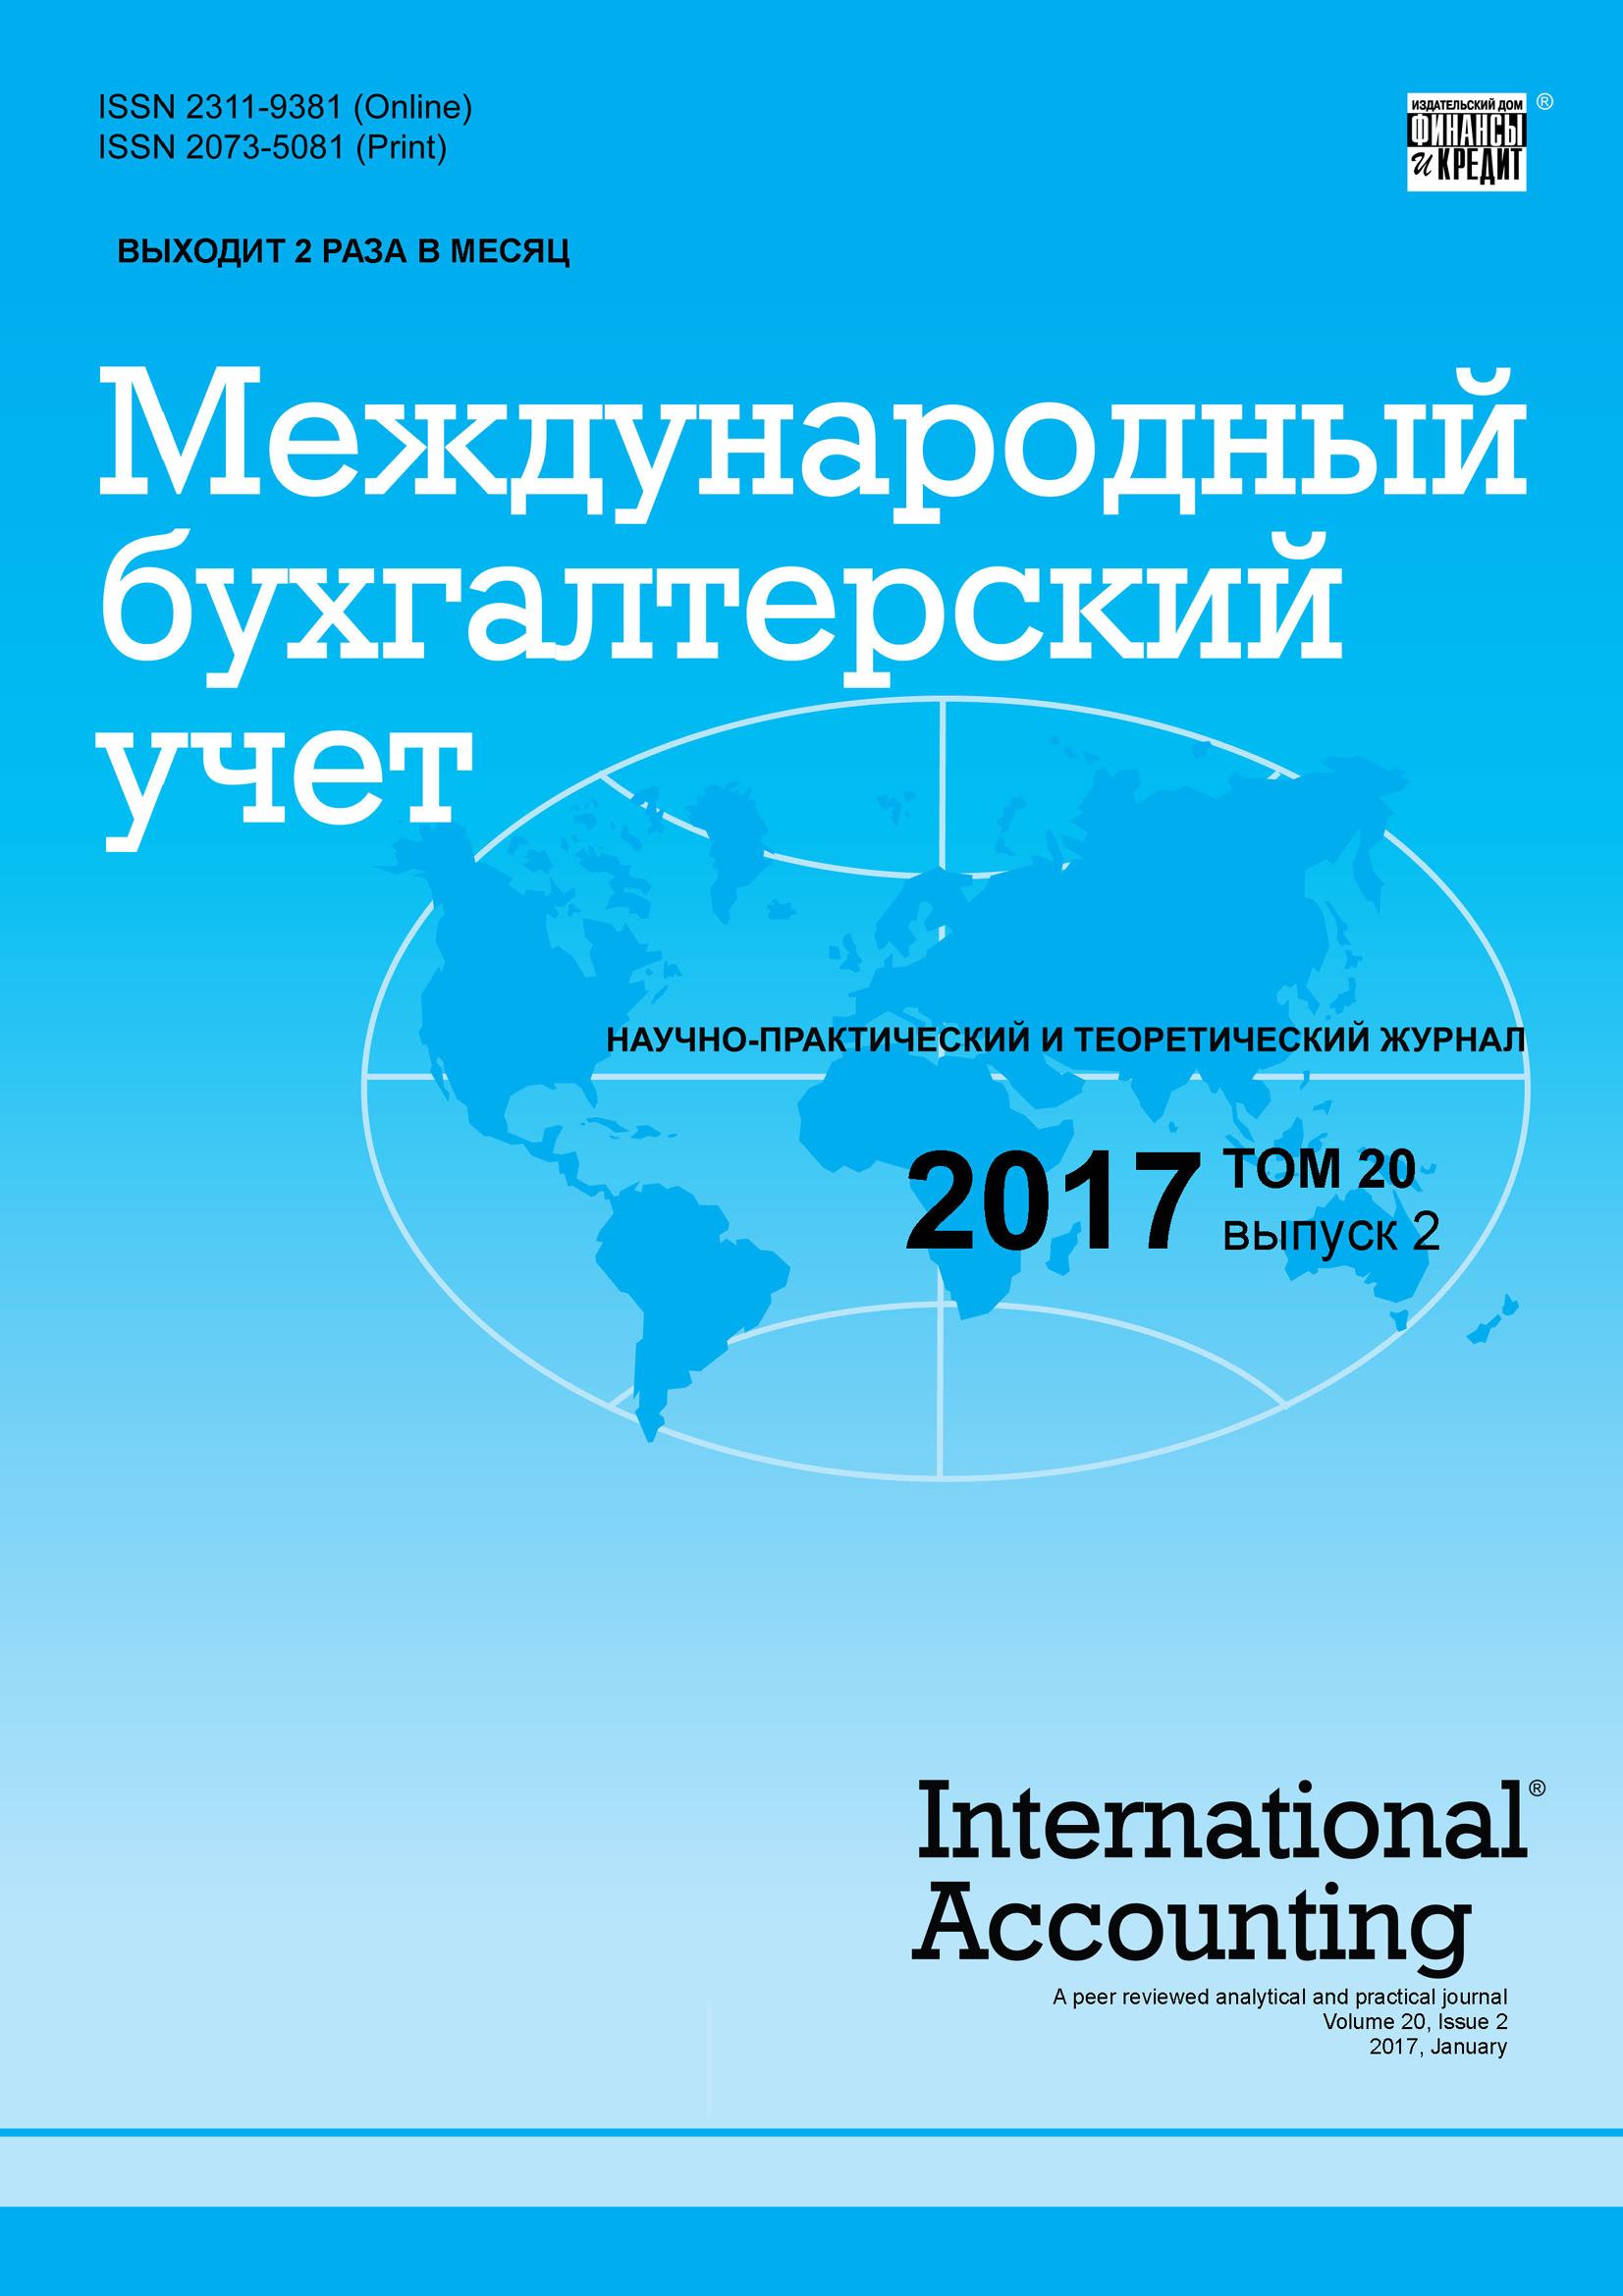 Международный бухгалтерский учет № 2 2017